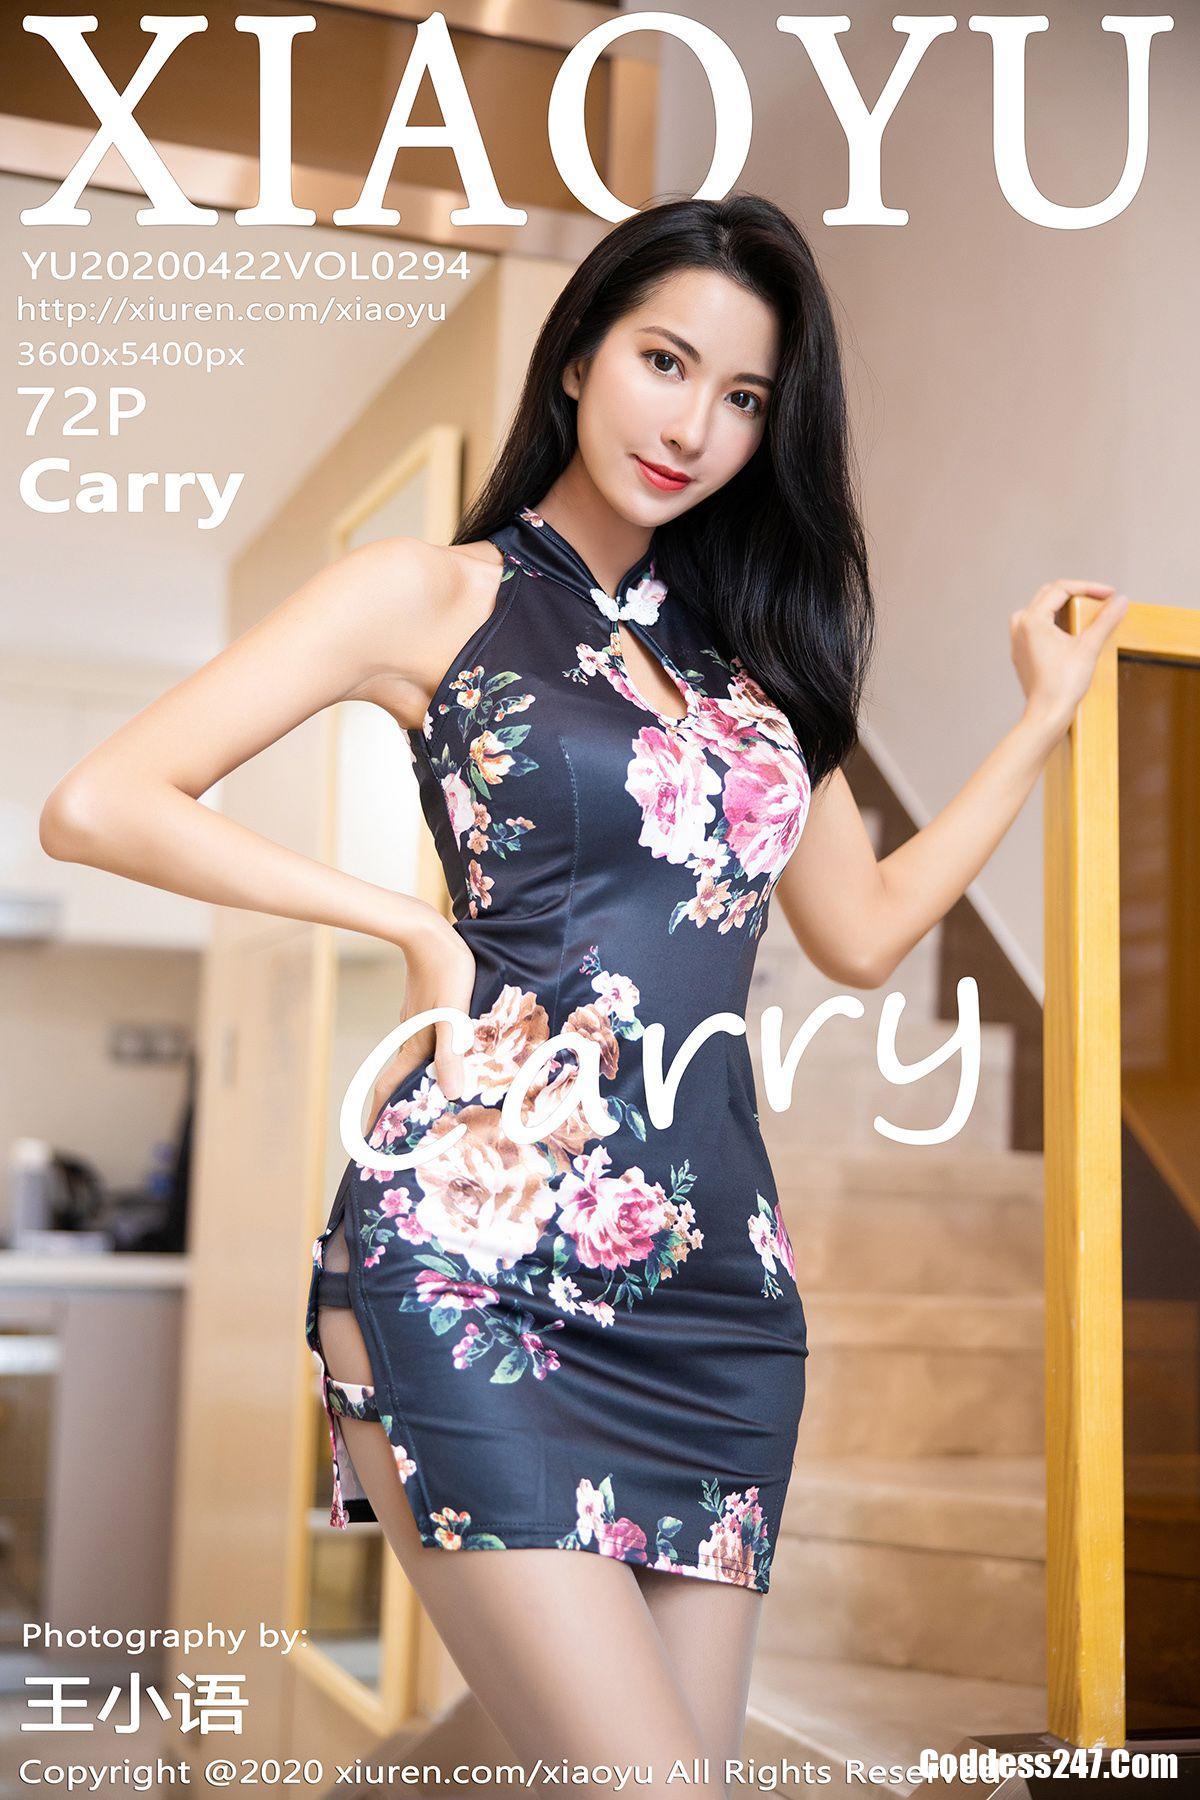 XiaoYu Vol.294 Carry